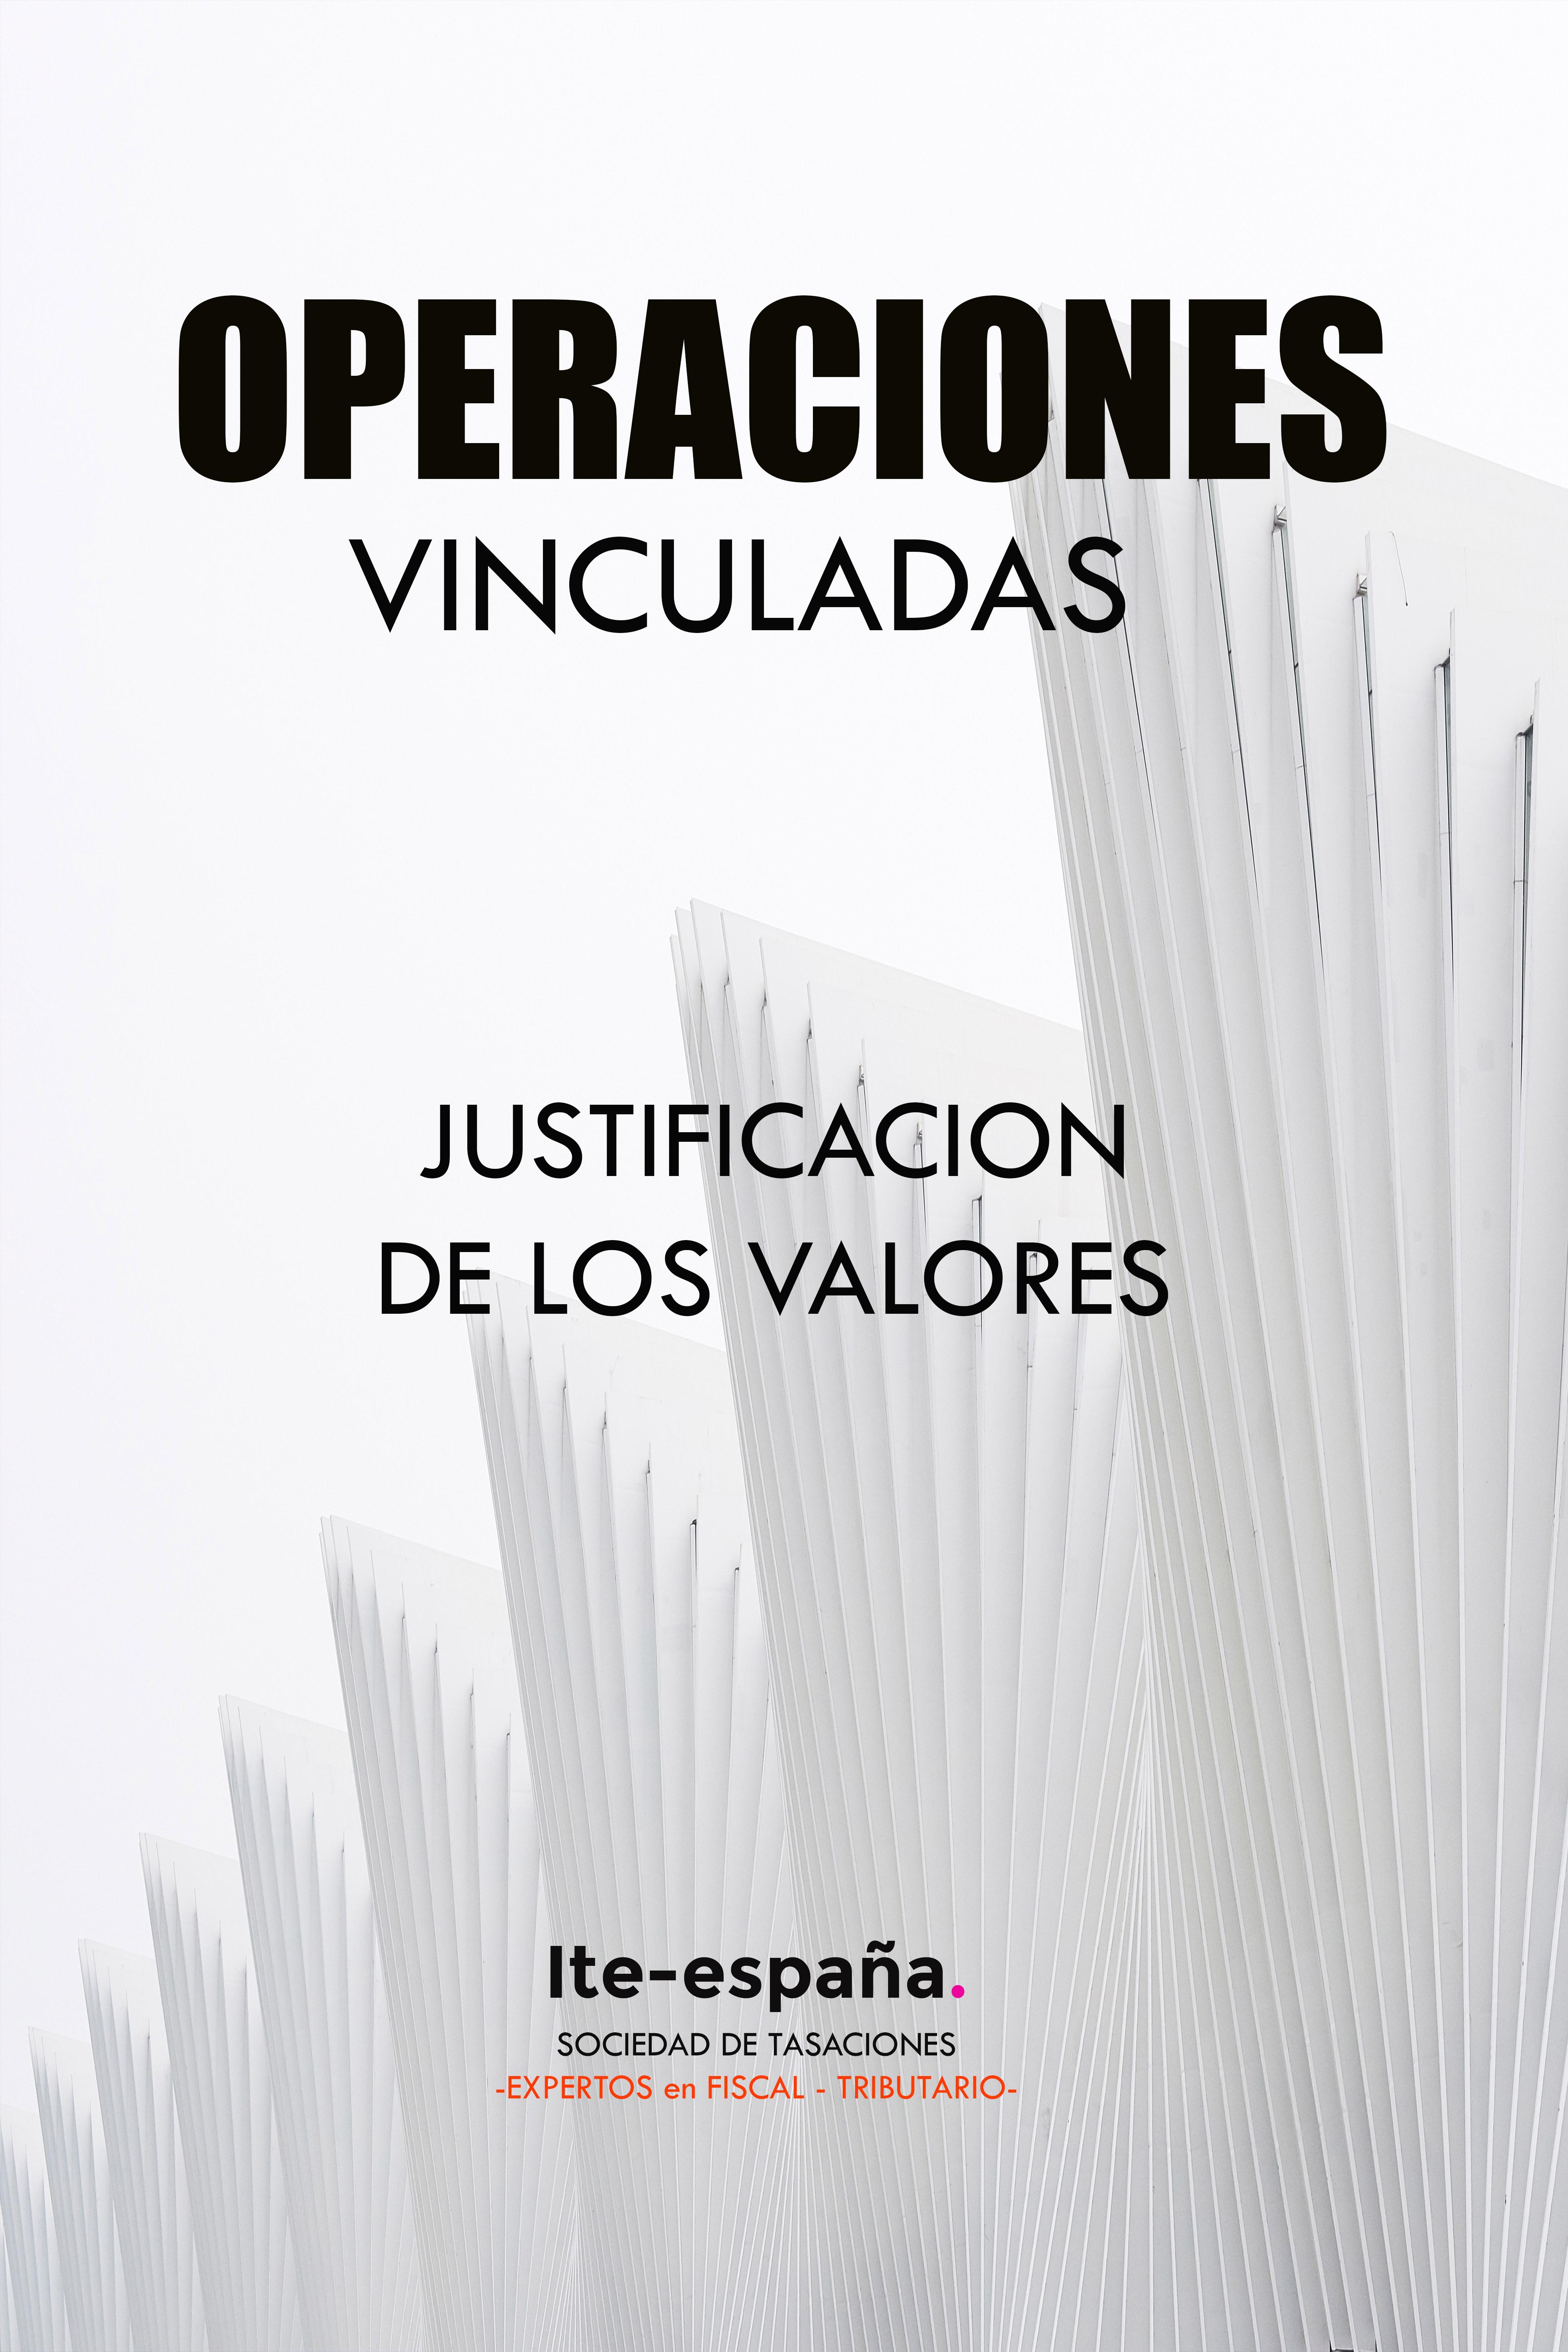 Documentos de las operaciones vinculadas